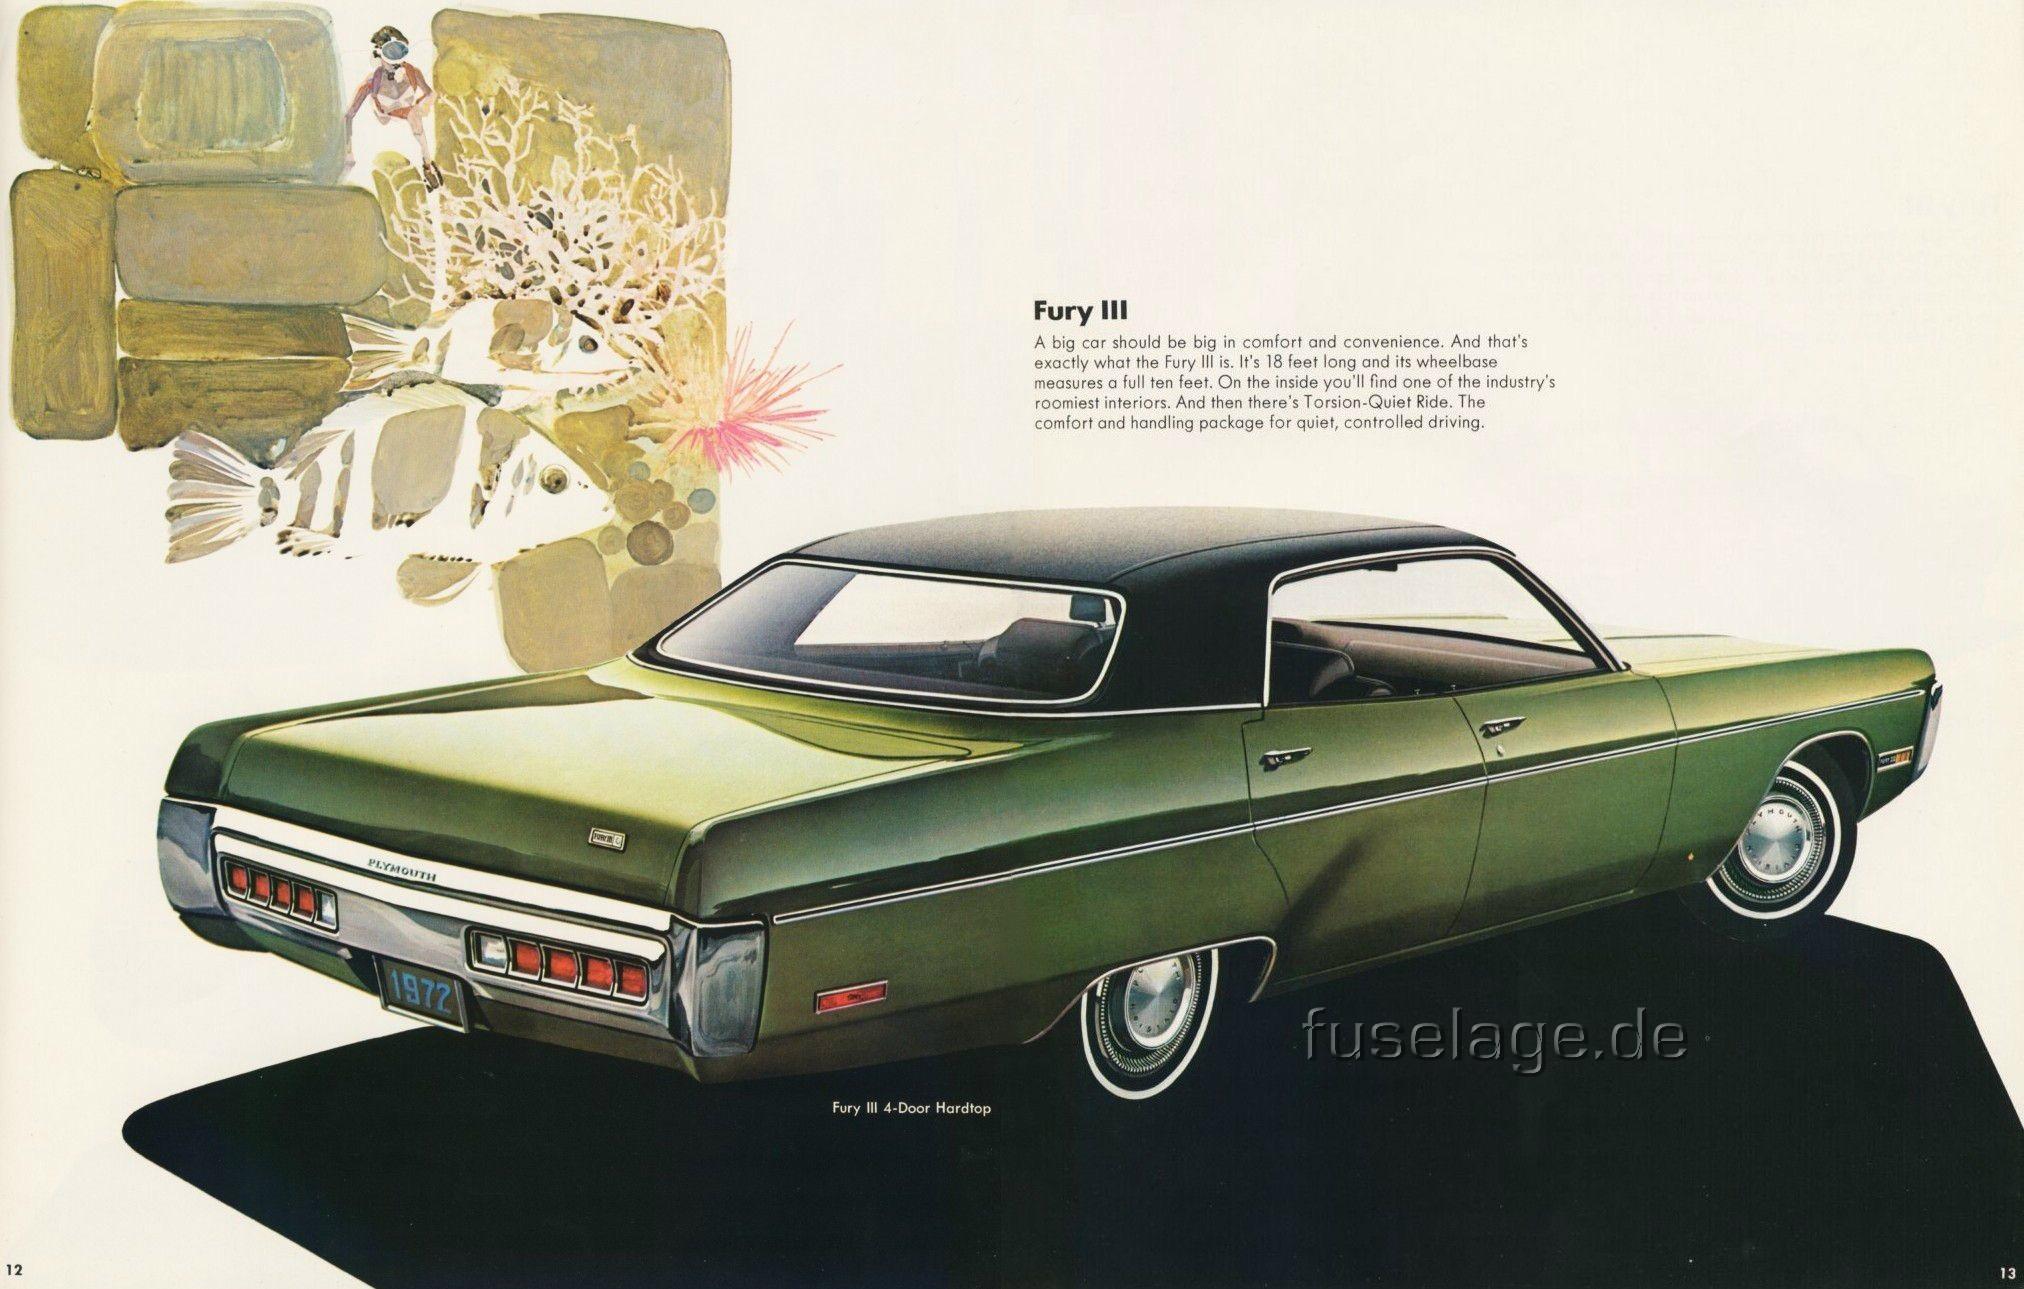 1972 Fury III 4-door hardtop